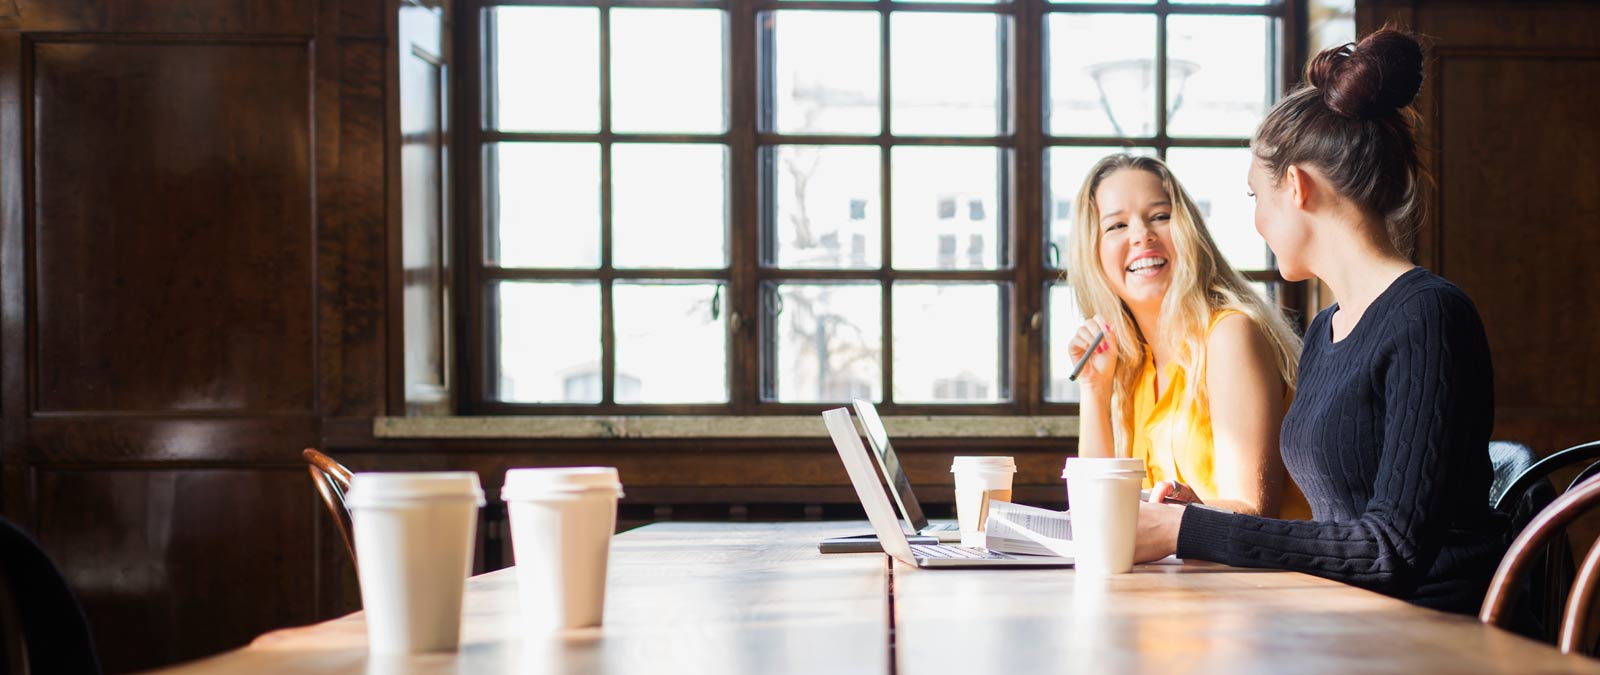 Două femei așezate alături la o masă, utilizând Office 365 ProPlus pe laptopurile lor.